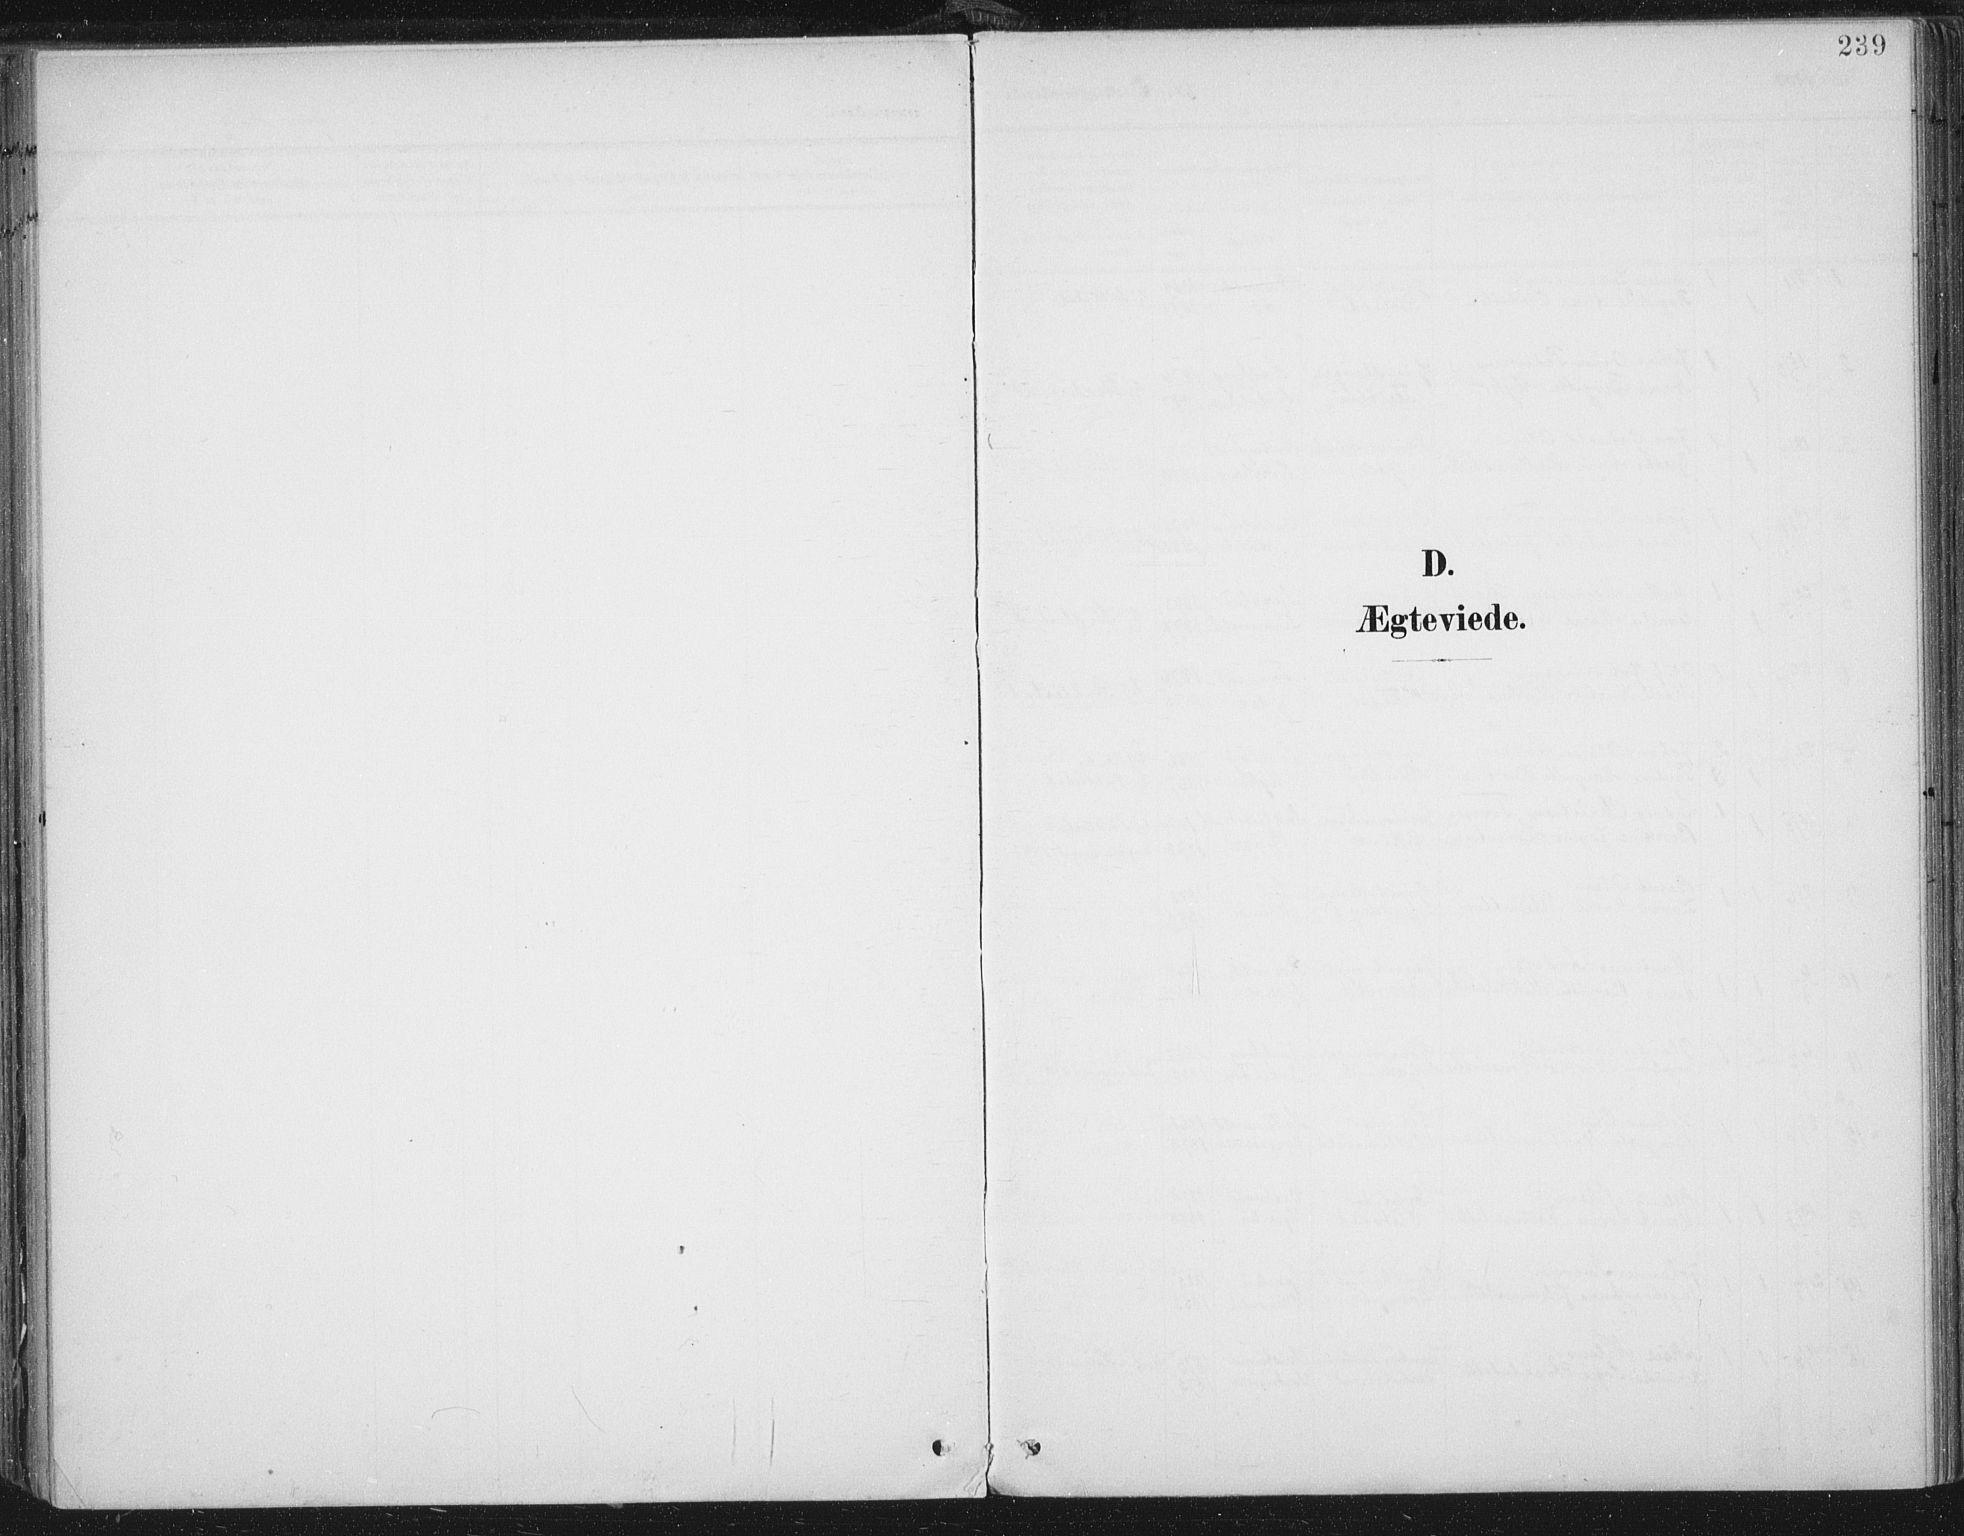 SAT, Ministerialprotokoller, klokkerbøker og fødselsregistre - Nord-Trøndelag, 723/L0246: Ministerialbok nr. 723A15, 1900-1917, s. 206